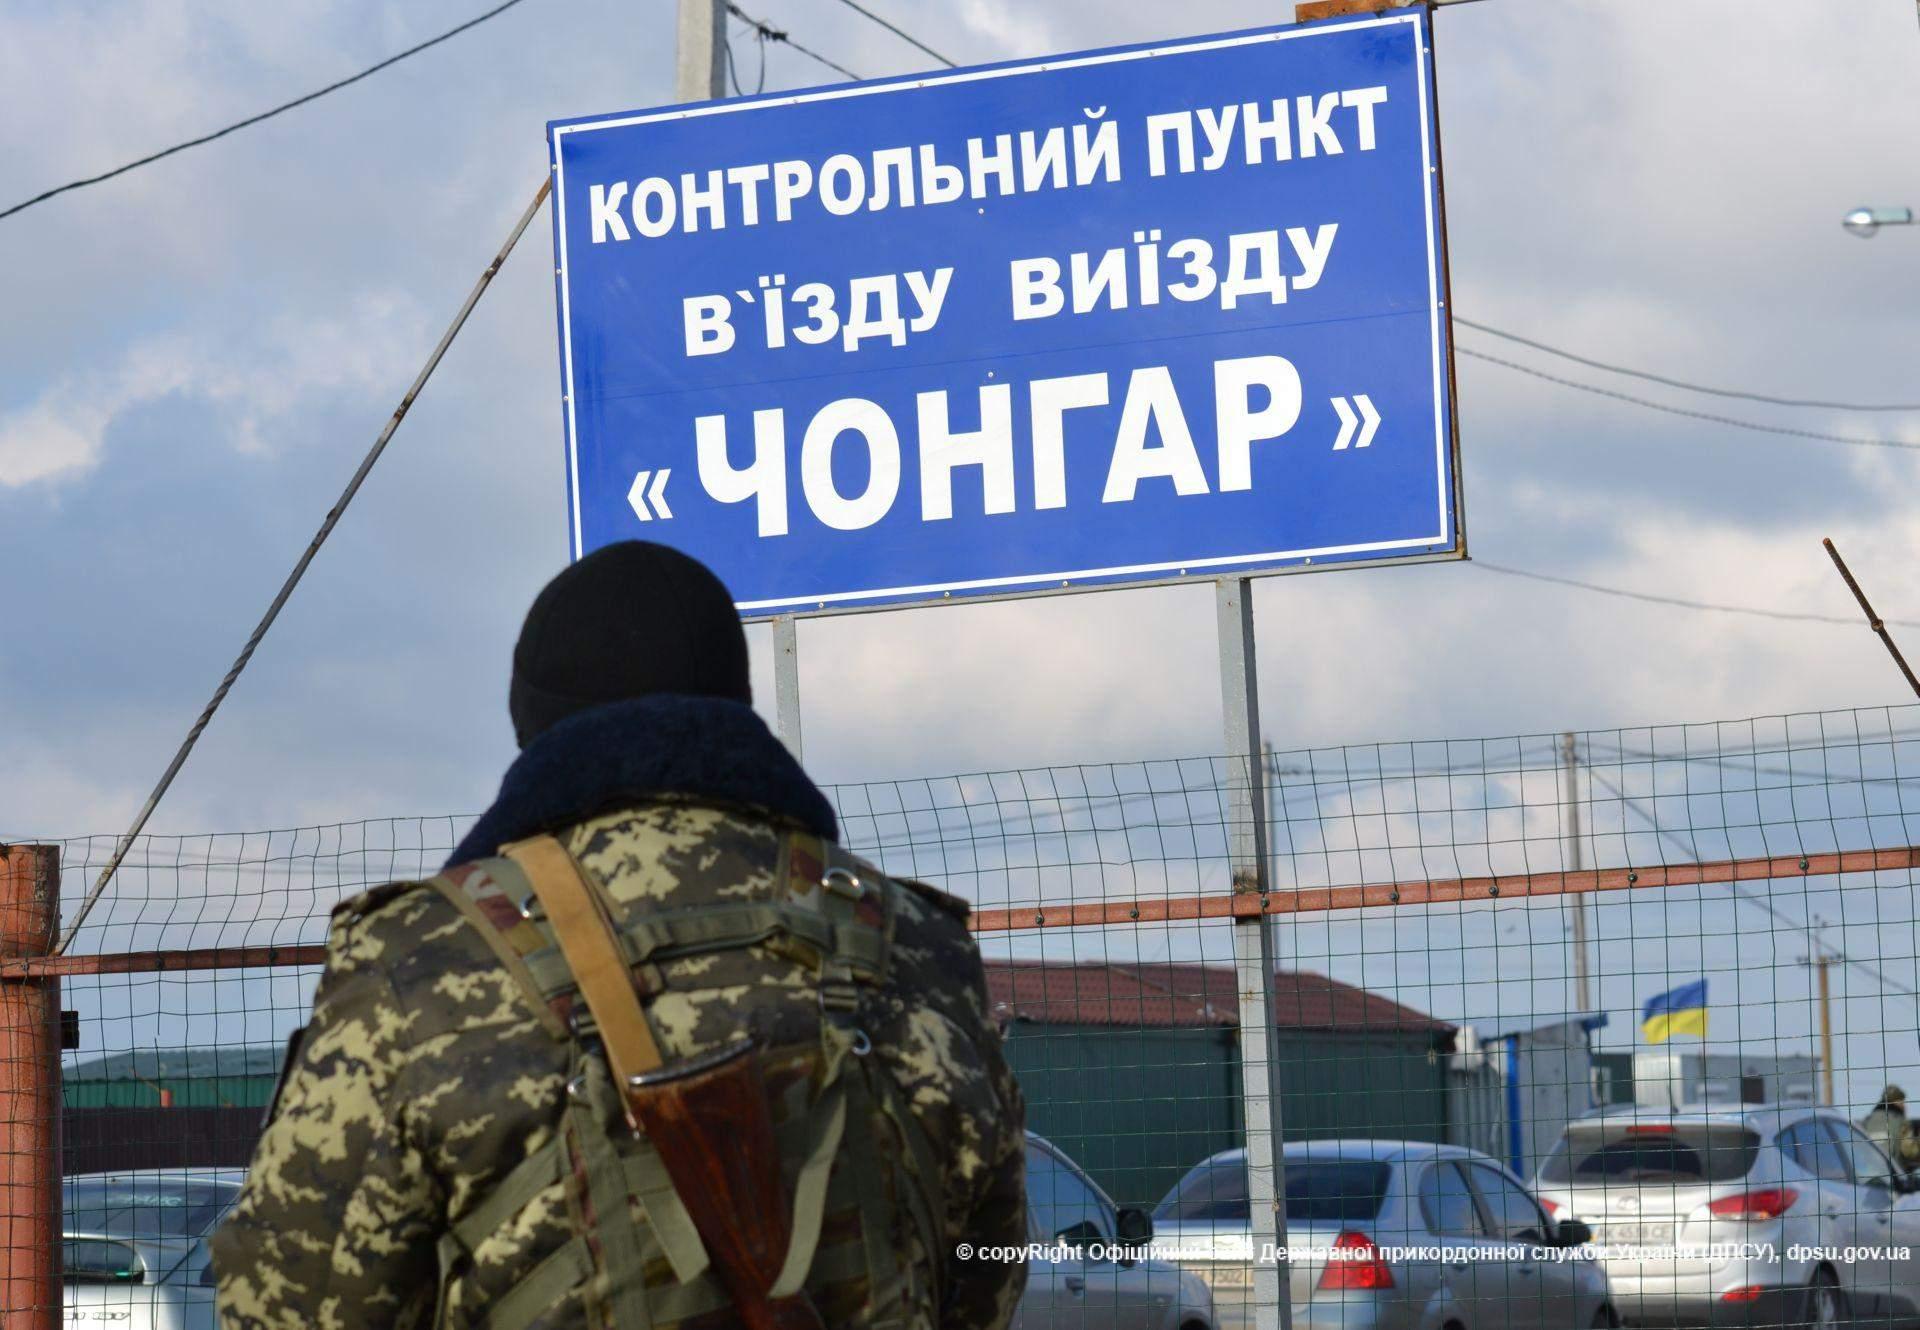 Пограничники Украины не будут проверять биометрические данные у крымчан